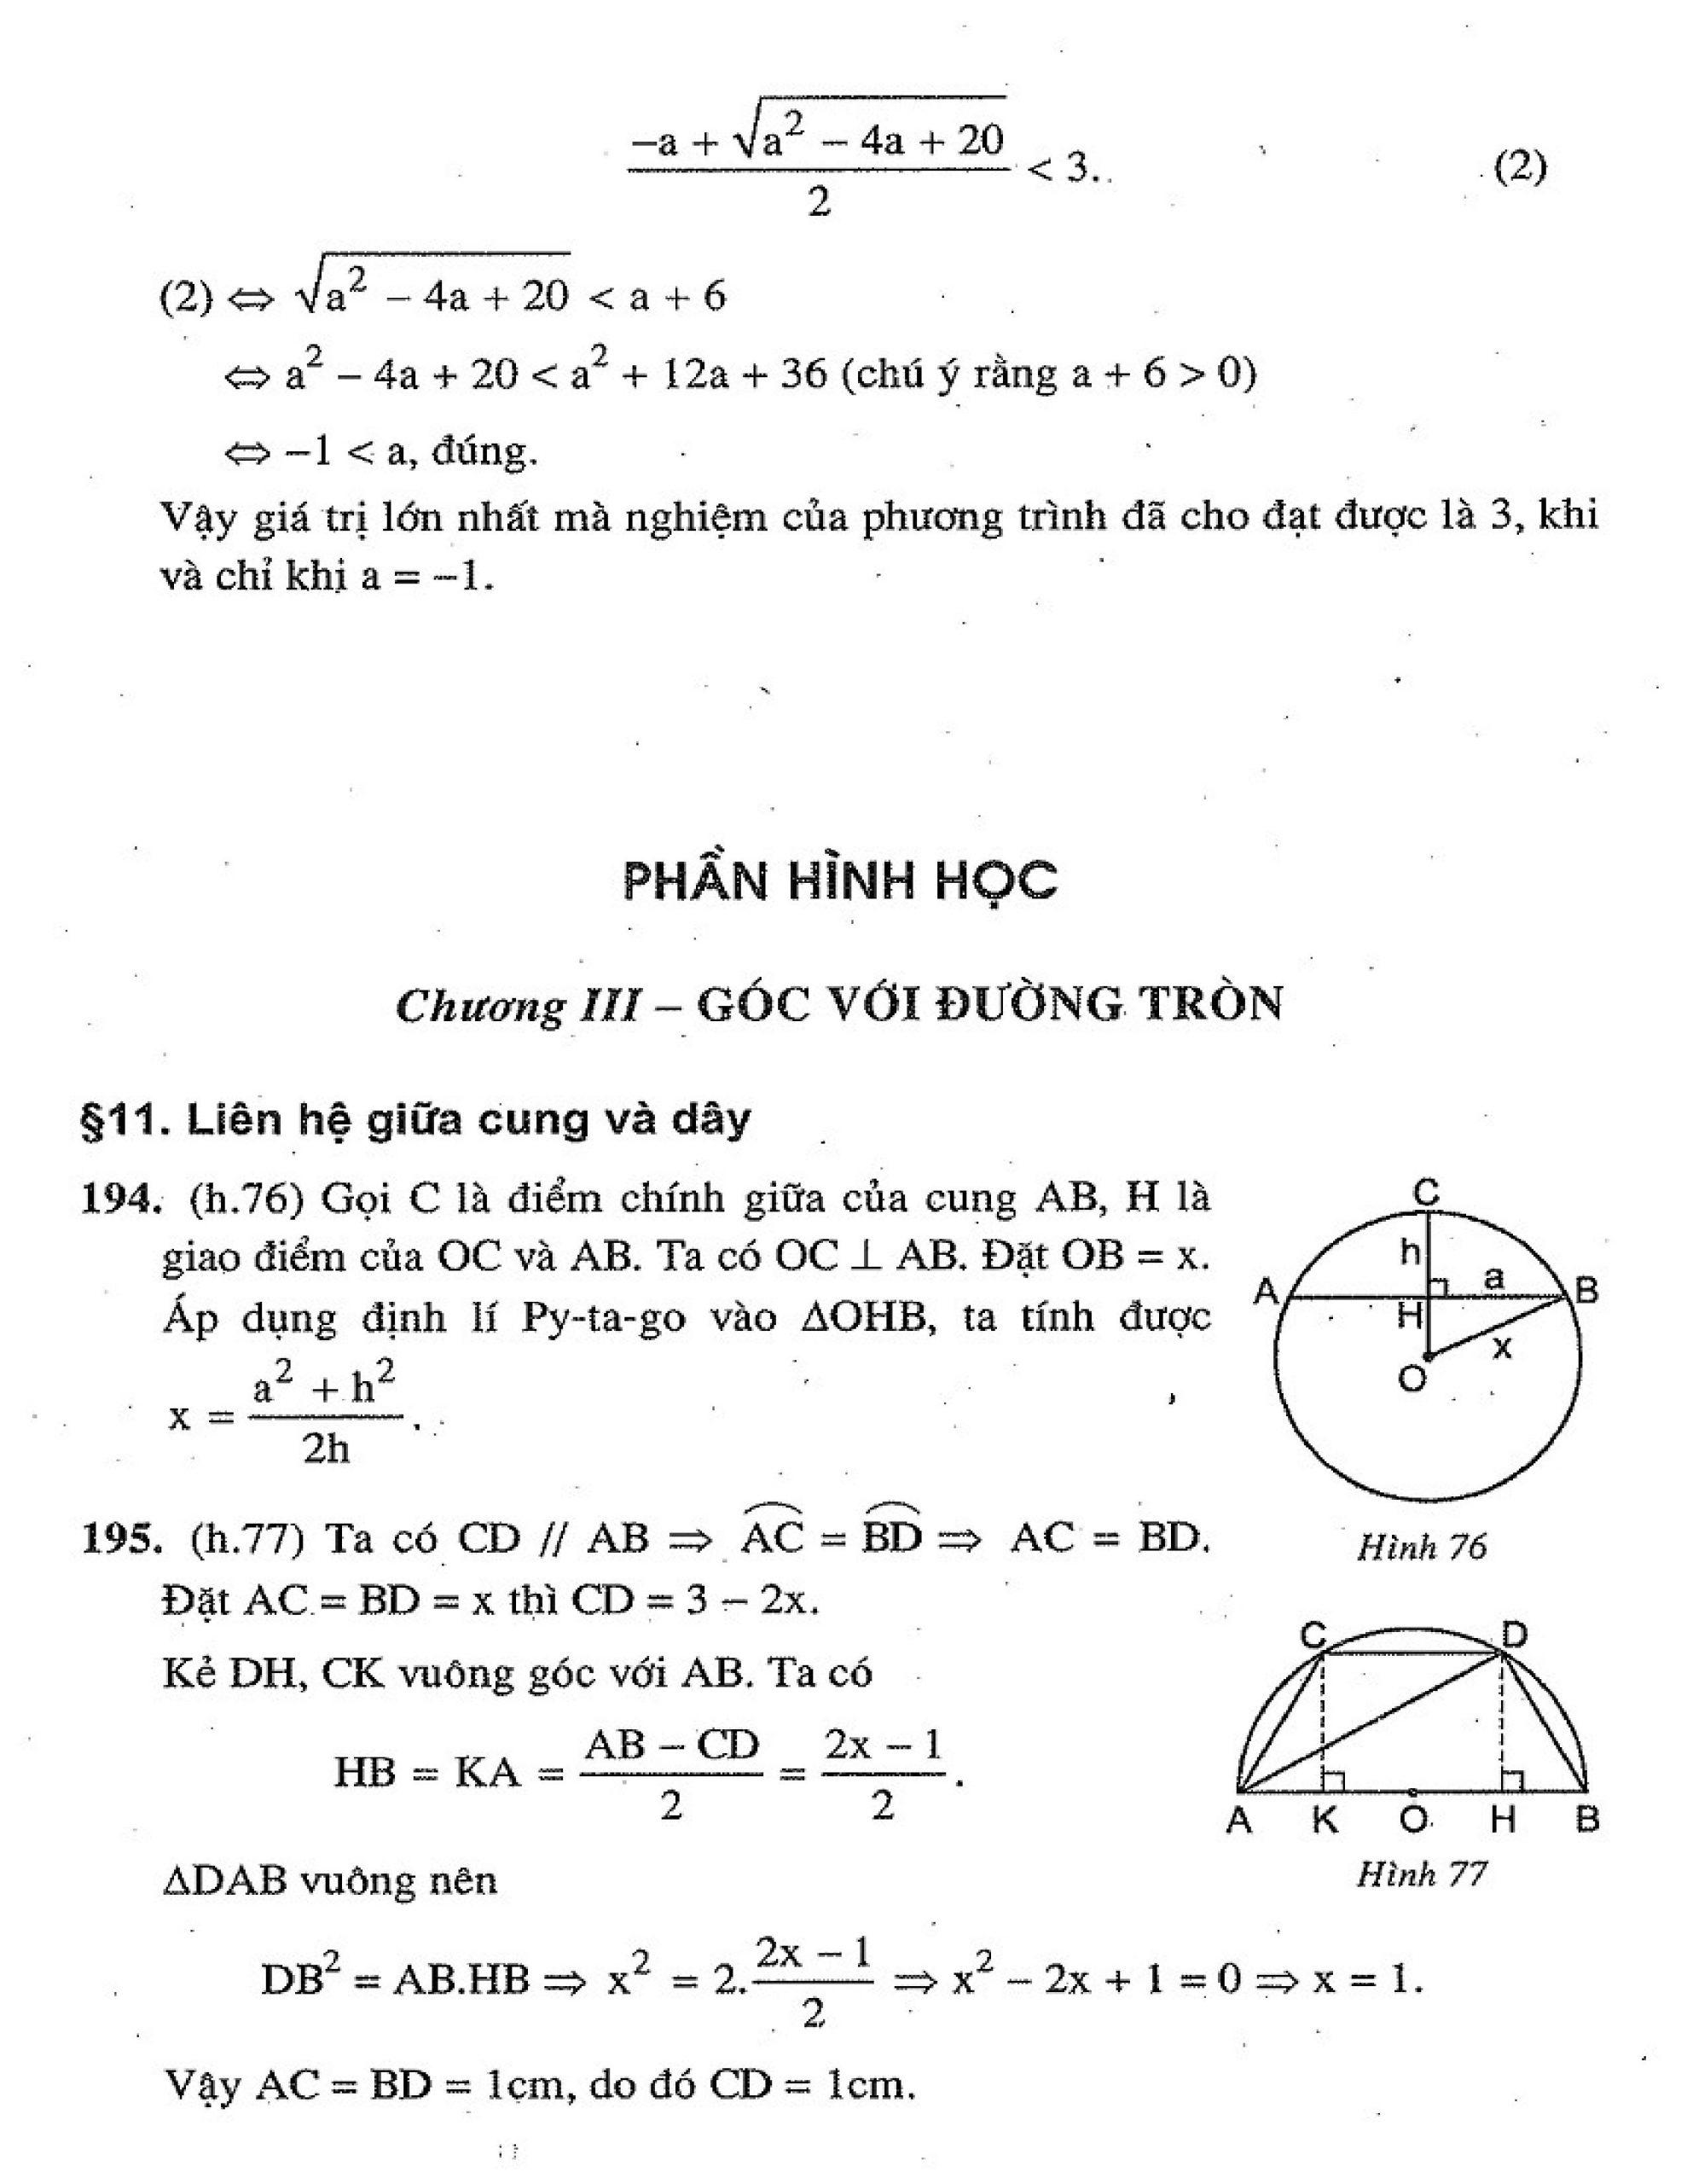 Bộ Tài Liệu Toán Hình Học 9 Nâng Cao HK2 - Tập 2 Mới